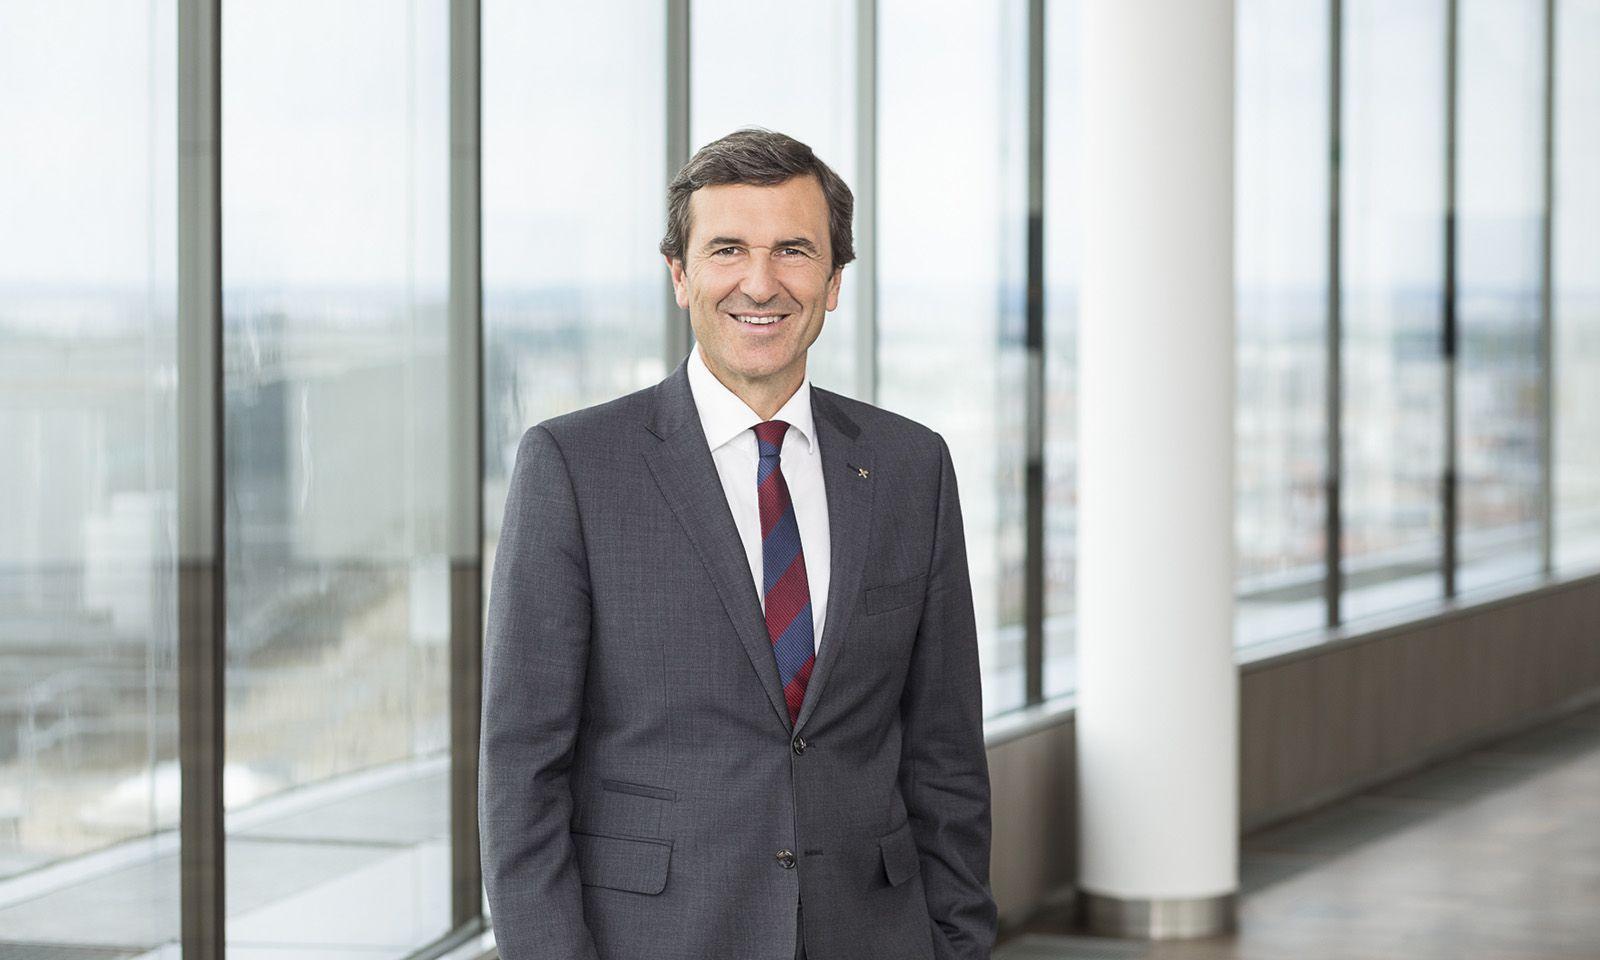 """""""Viele Unternehmen gehen davon aus, dass sie für Förderungen nicht infrage kommen. Das Gegenteil ist aber oft der Fall."""" Reinhard Karl, Kommerzkunden-Vorstand bei der Raiffeisenlandesbank NÖ-Wien."""